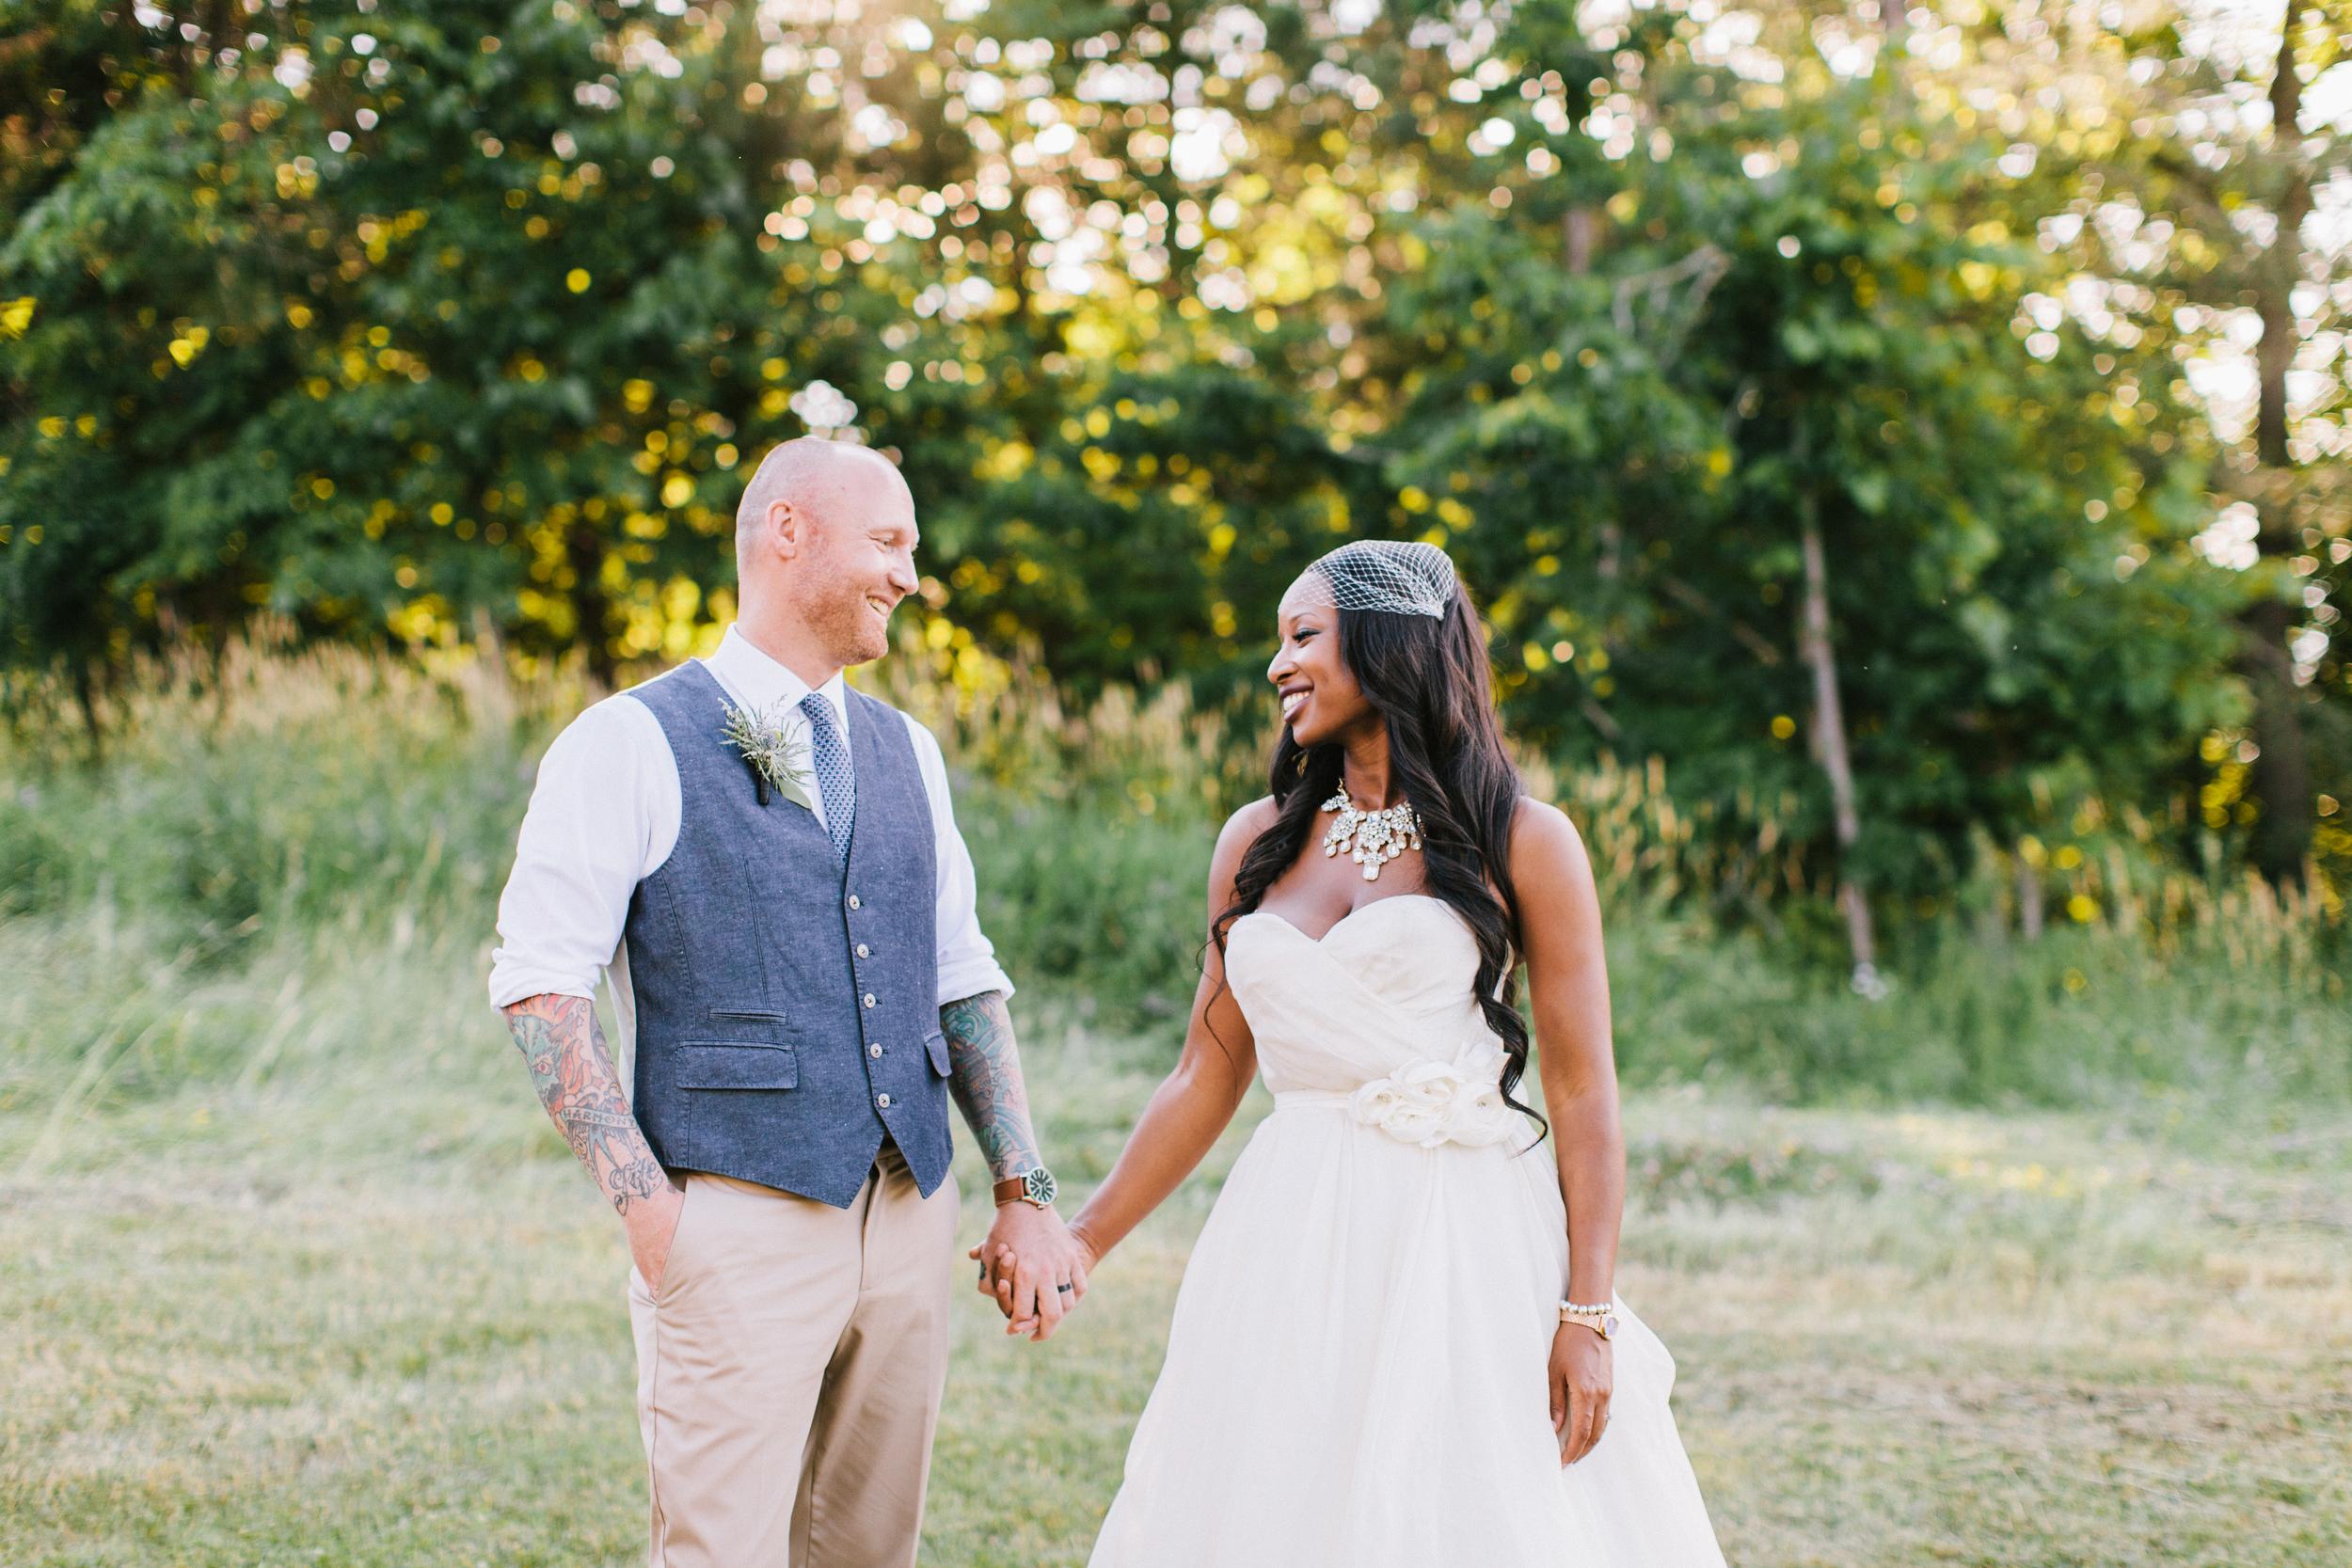 michael-rousseau-photography-shannae-ingleton-wedding-sean-craigleith-ski-club-wedding062.jpg